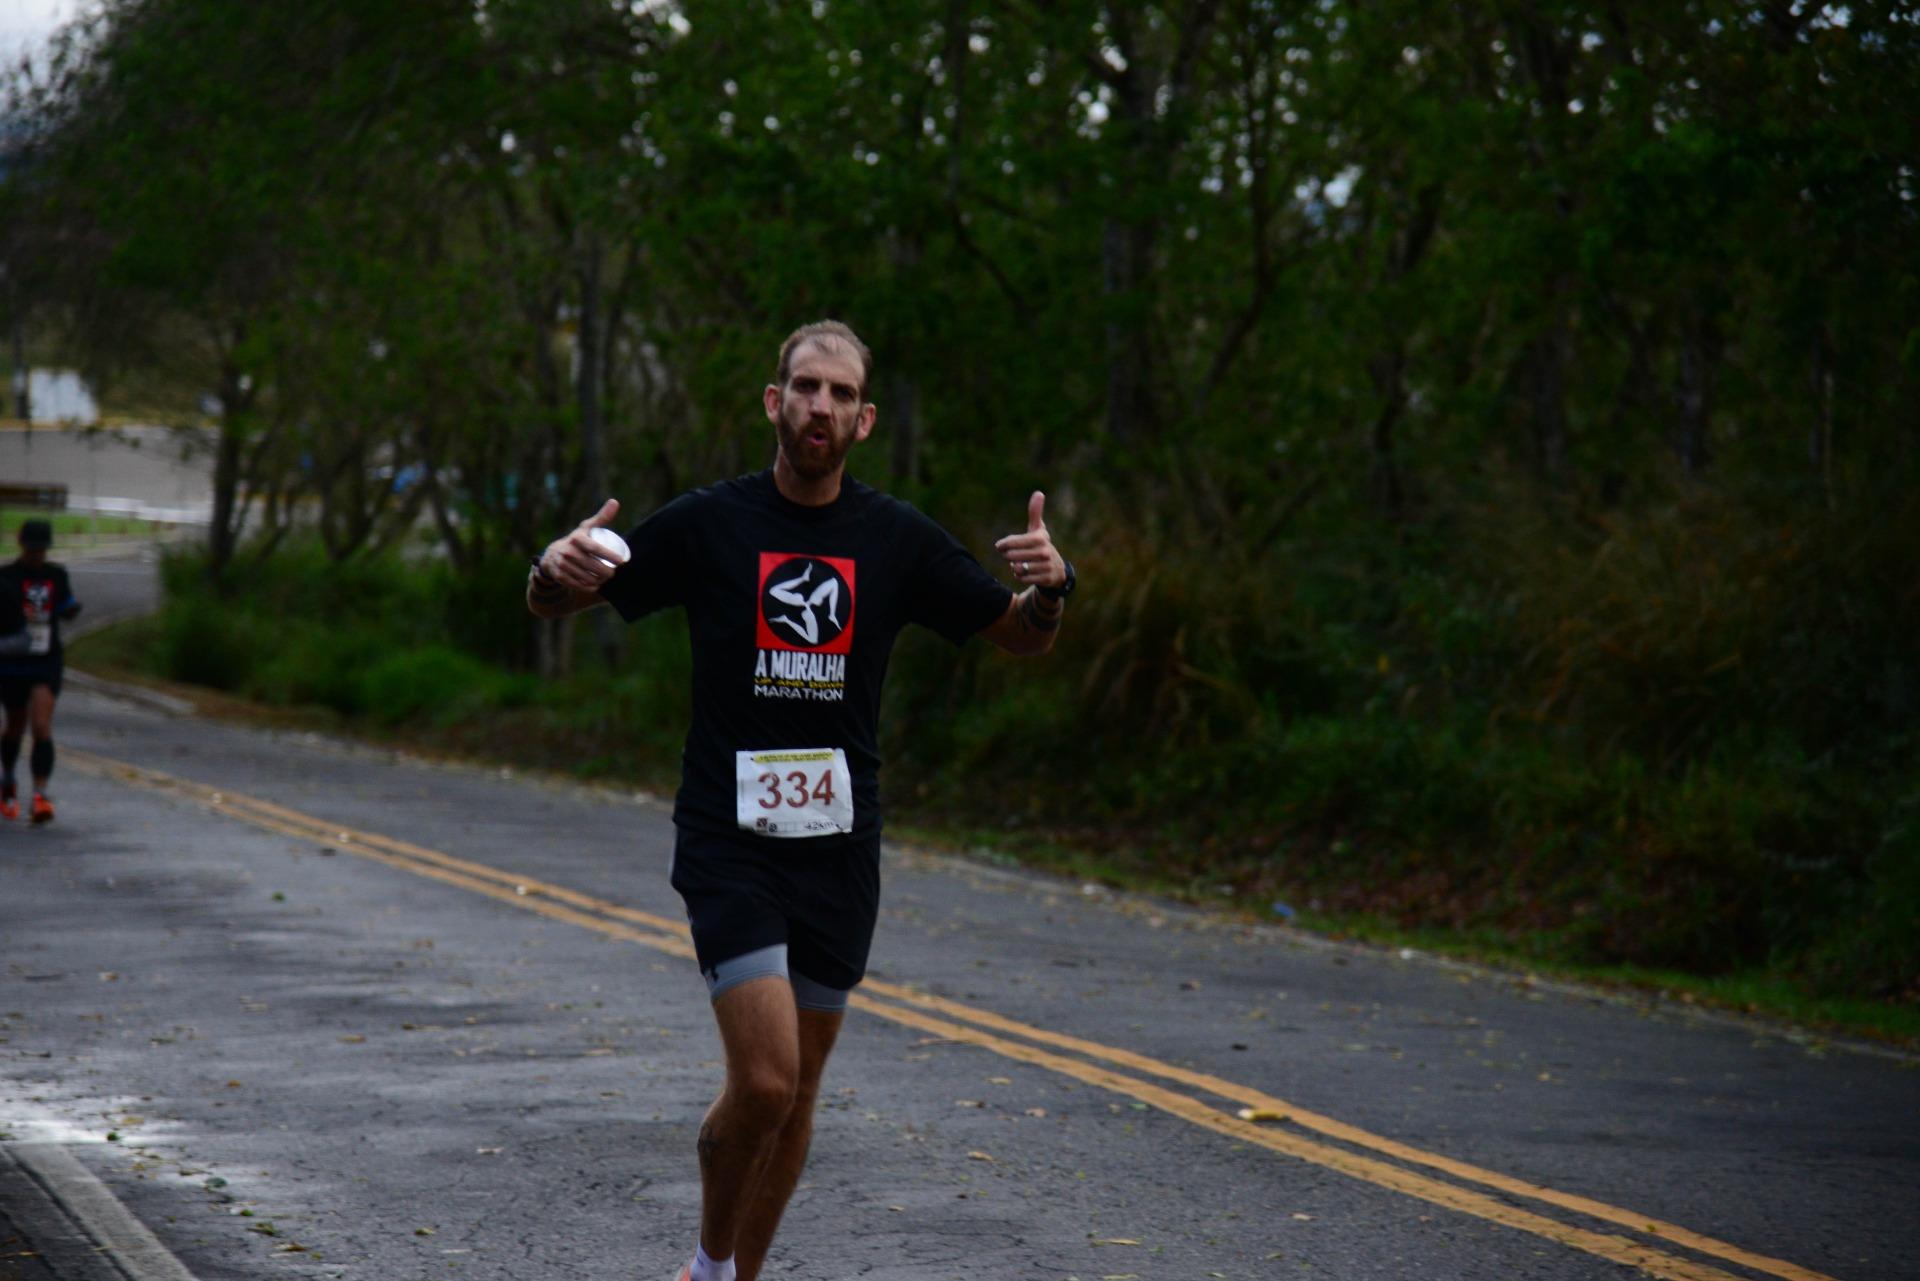 a-muralha-up-and-down-marathon-2016-64